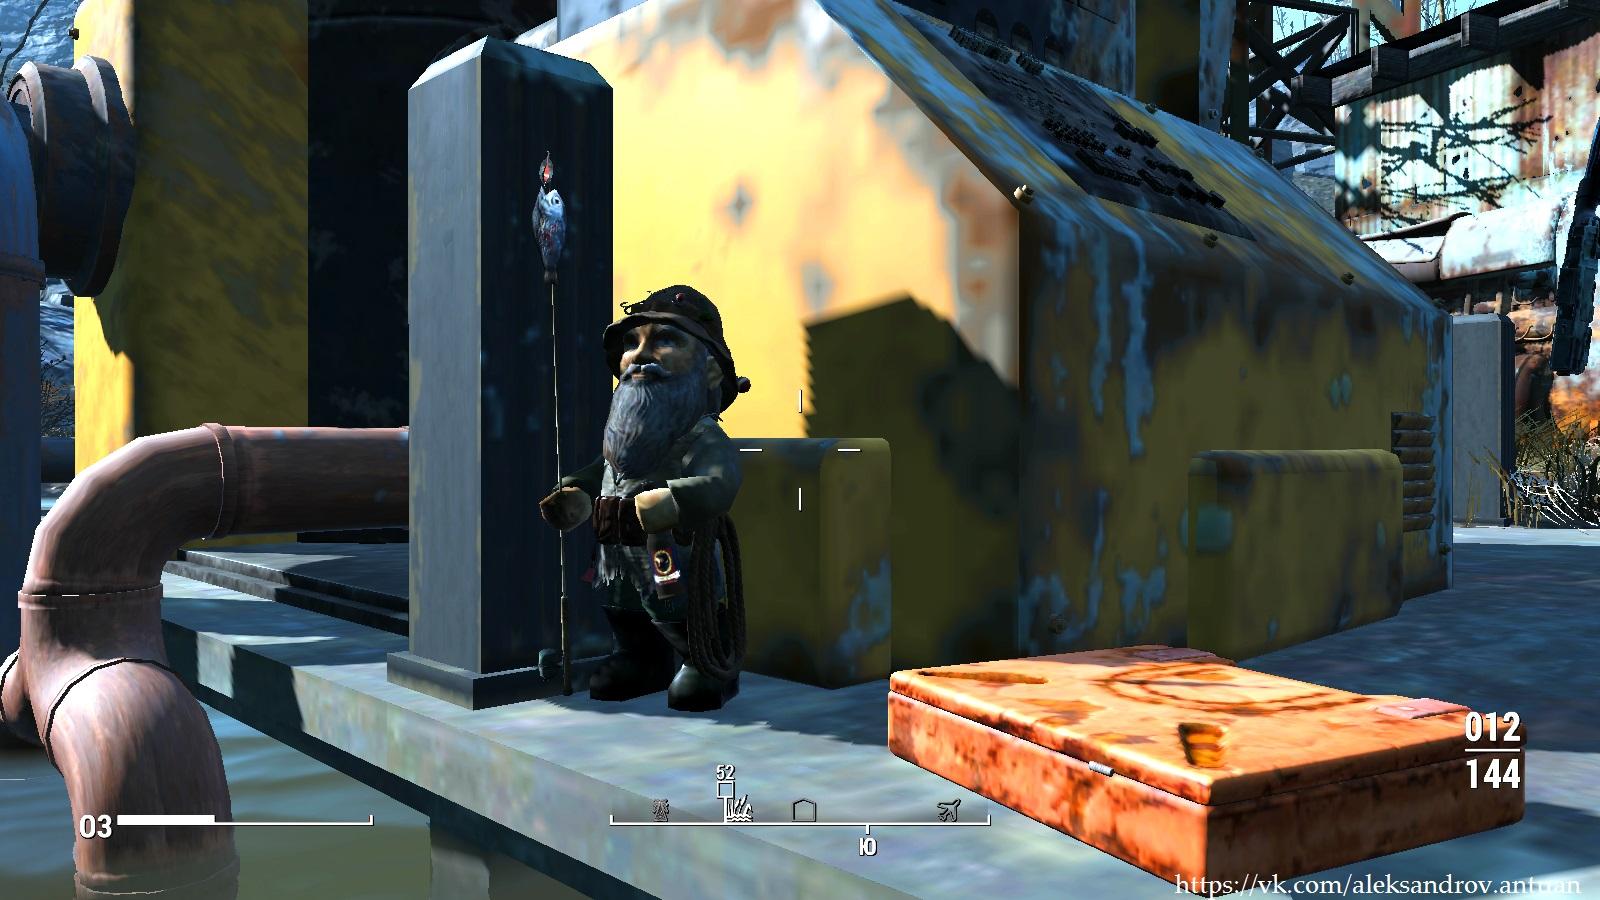 Пьяный гном ... - Fallout 4 озеро Куаннапоуитт, пьяный гном